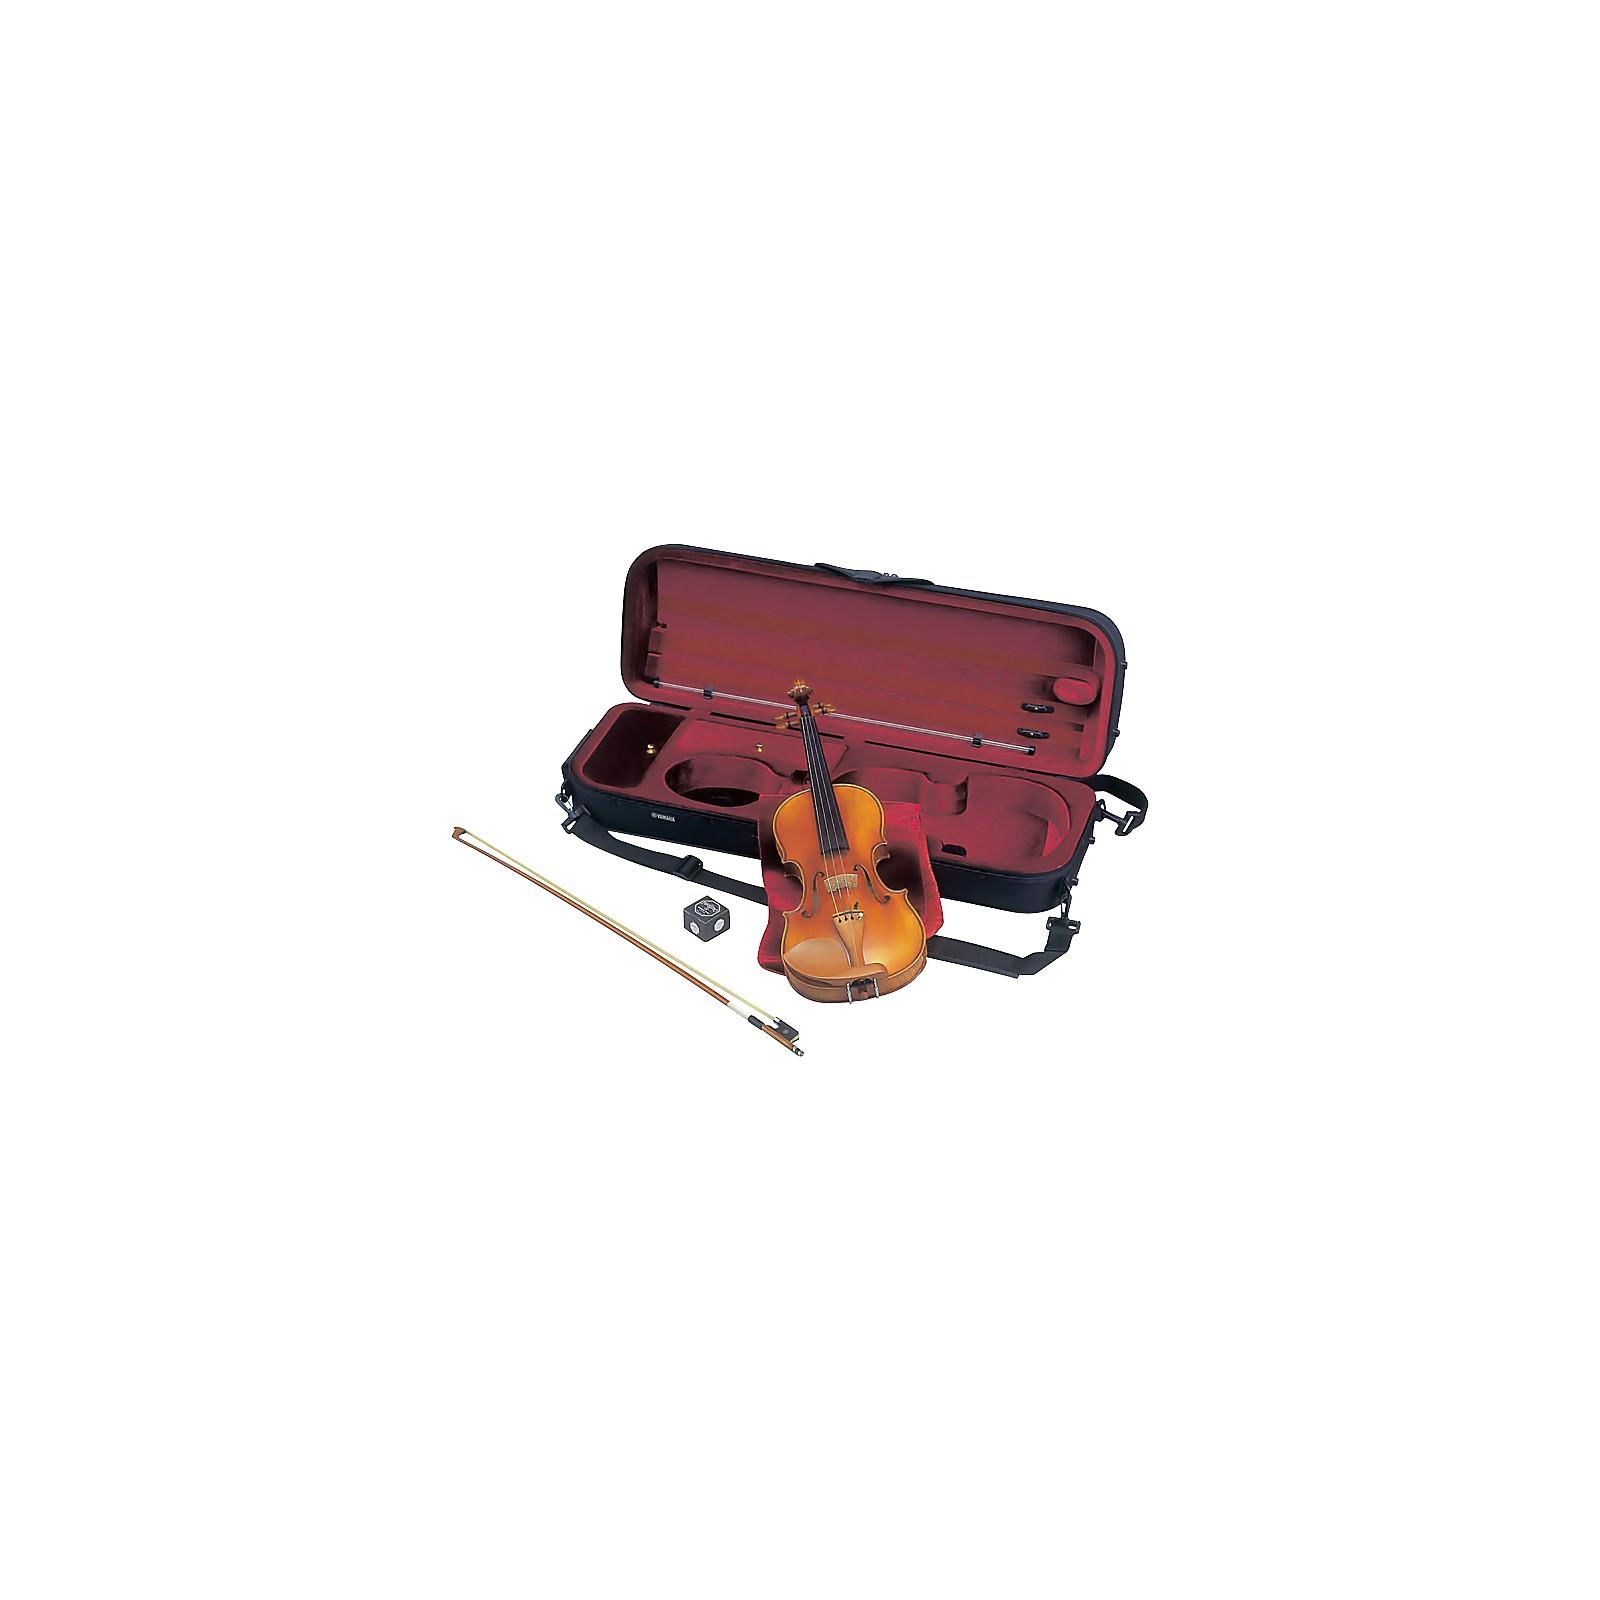 Yamaha Intermediate Model AV20 violin